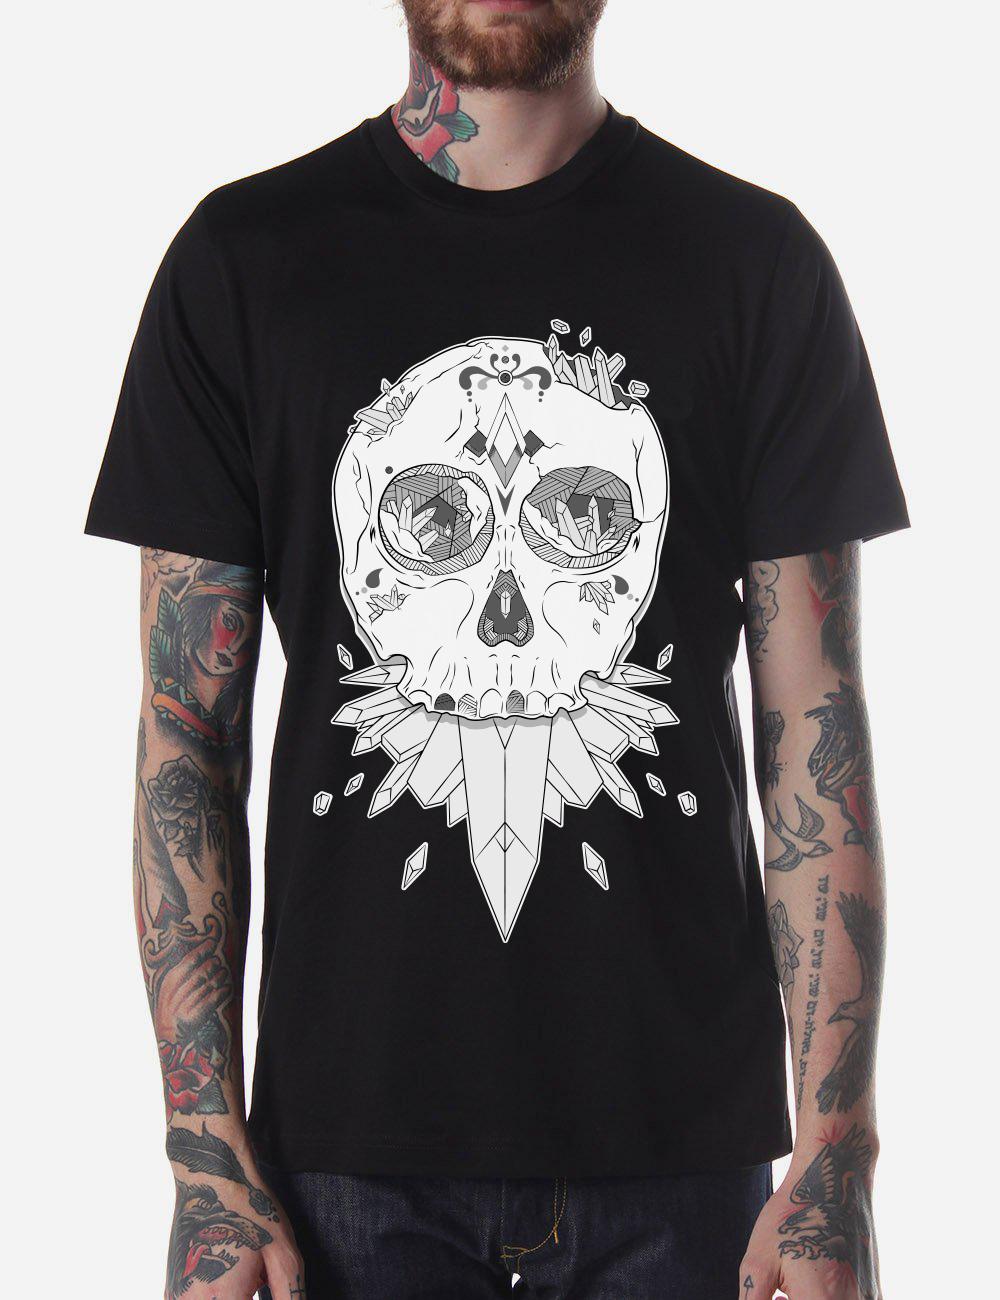 T恤印花图案设计定制 -c63e2226033781.5634e90c80e52